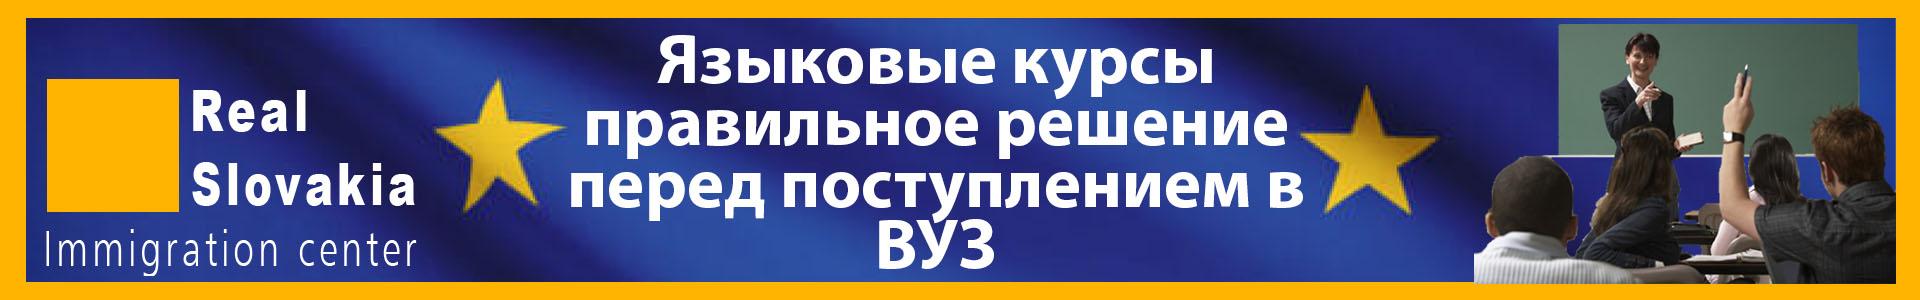 языковые курсы словацкого языка